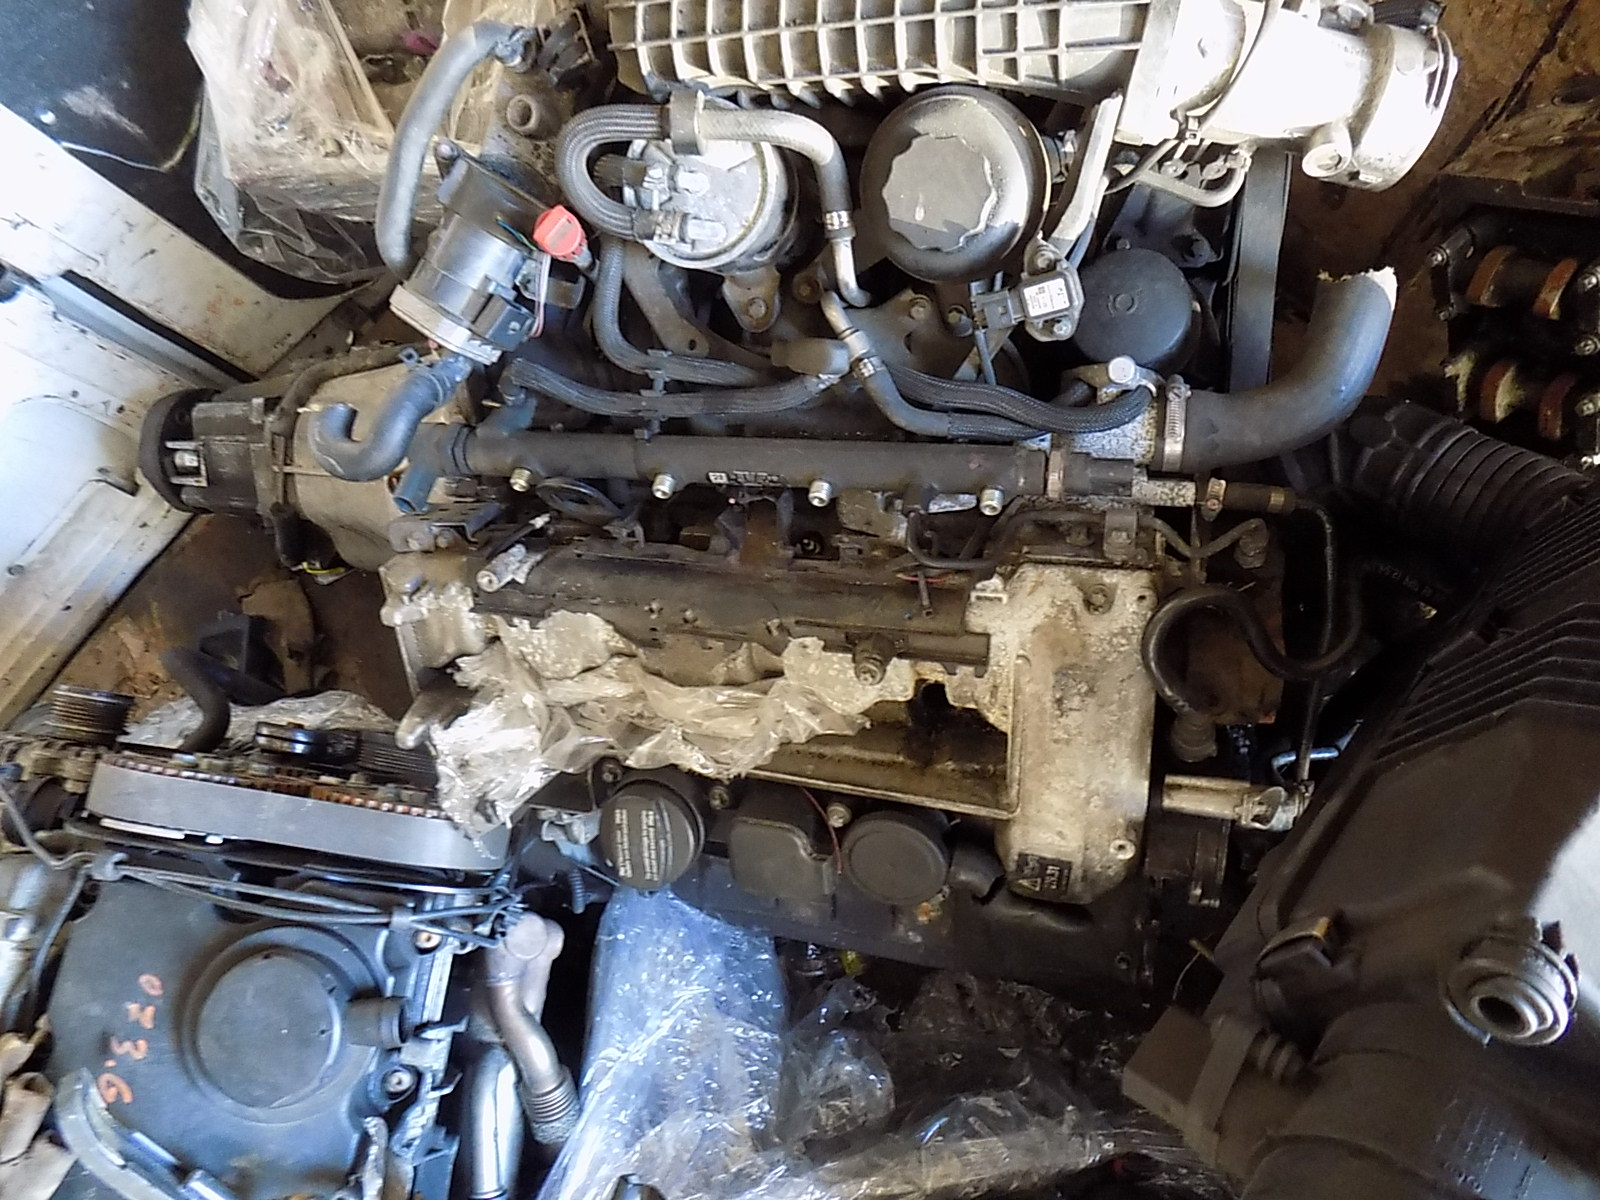 motor mercedes c claas an de fabricatie 2005,2.2 cdi